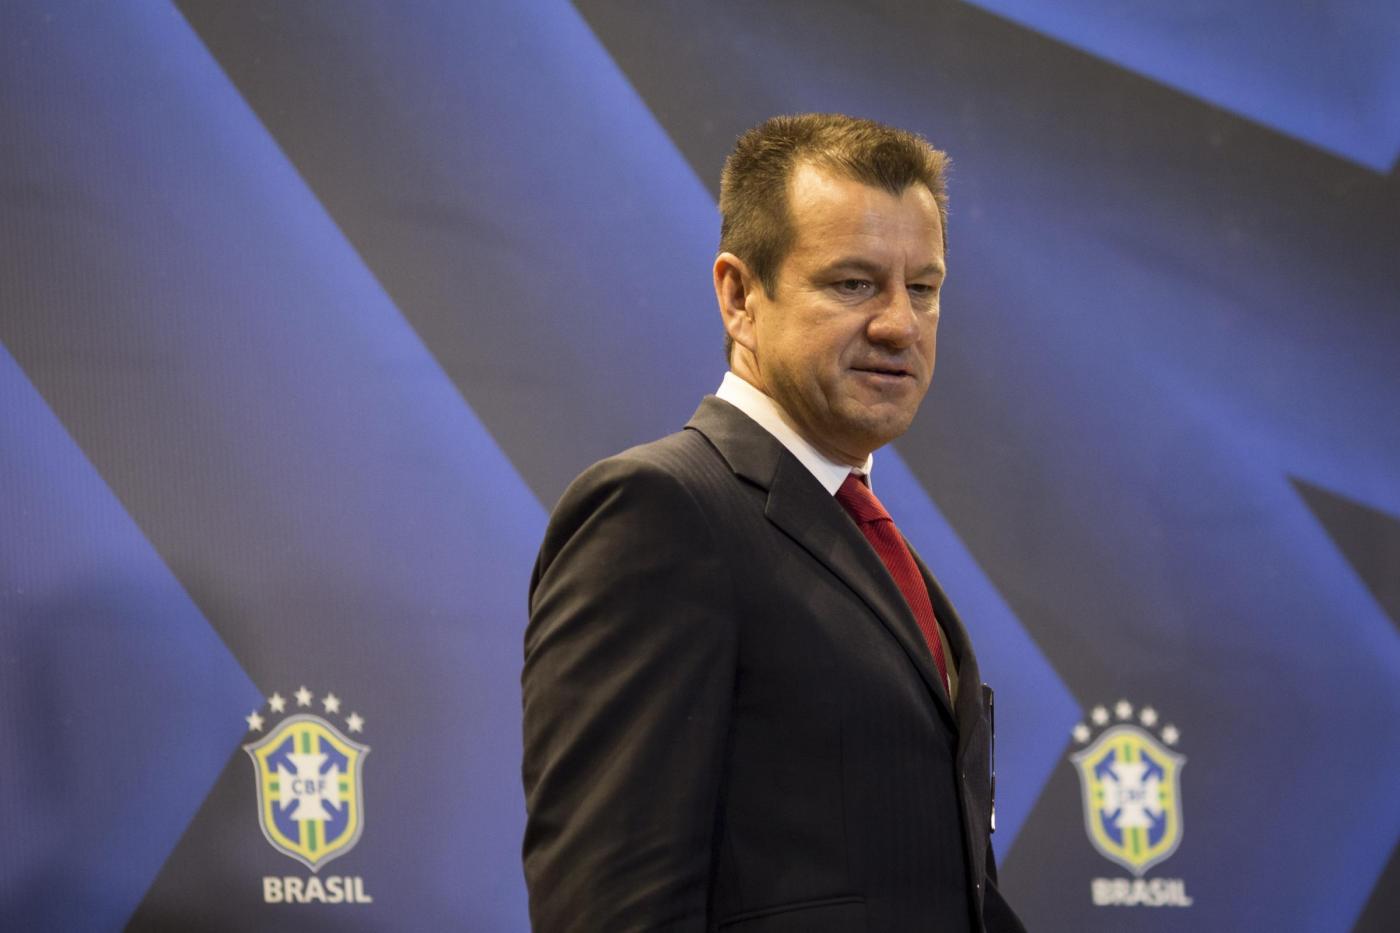 Dunga è il nuovo allenatore del Brasile: arriva l'ufficialità